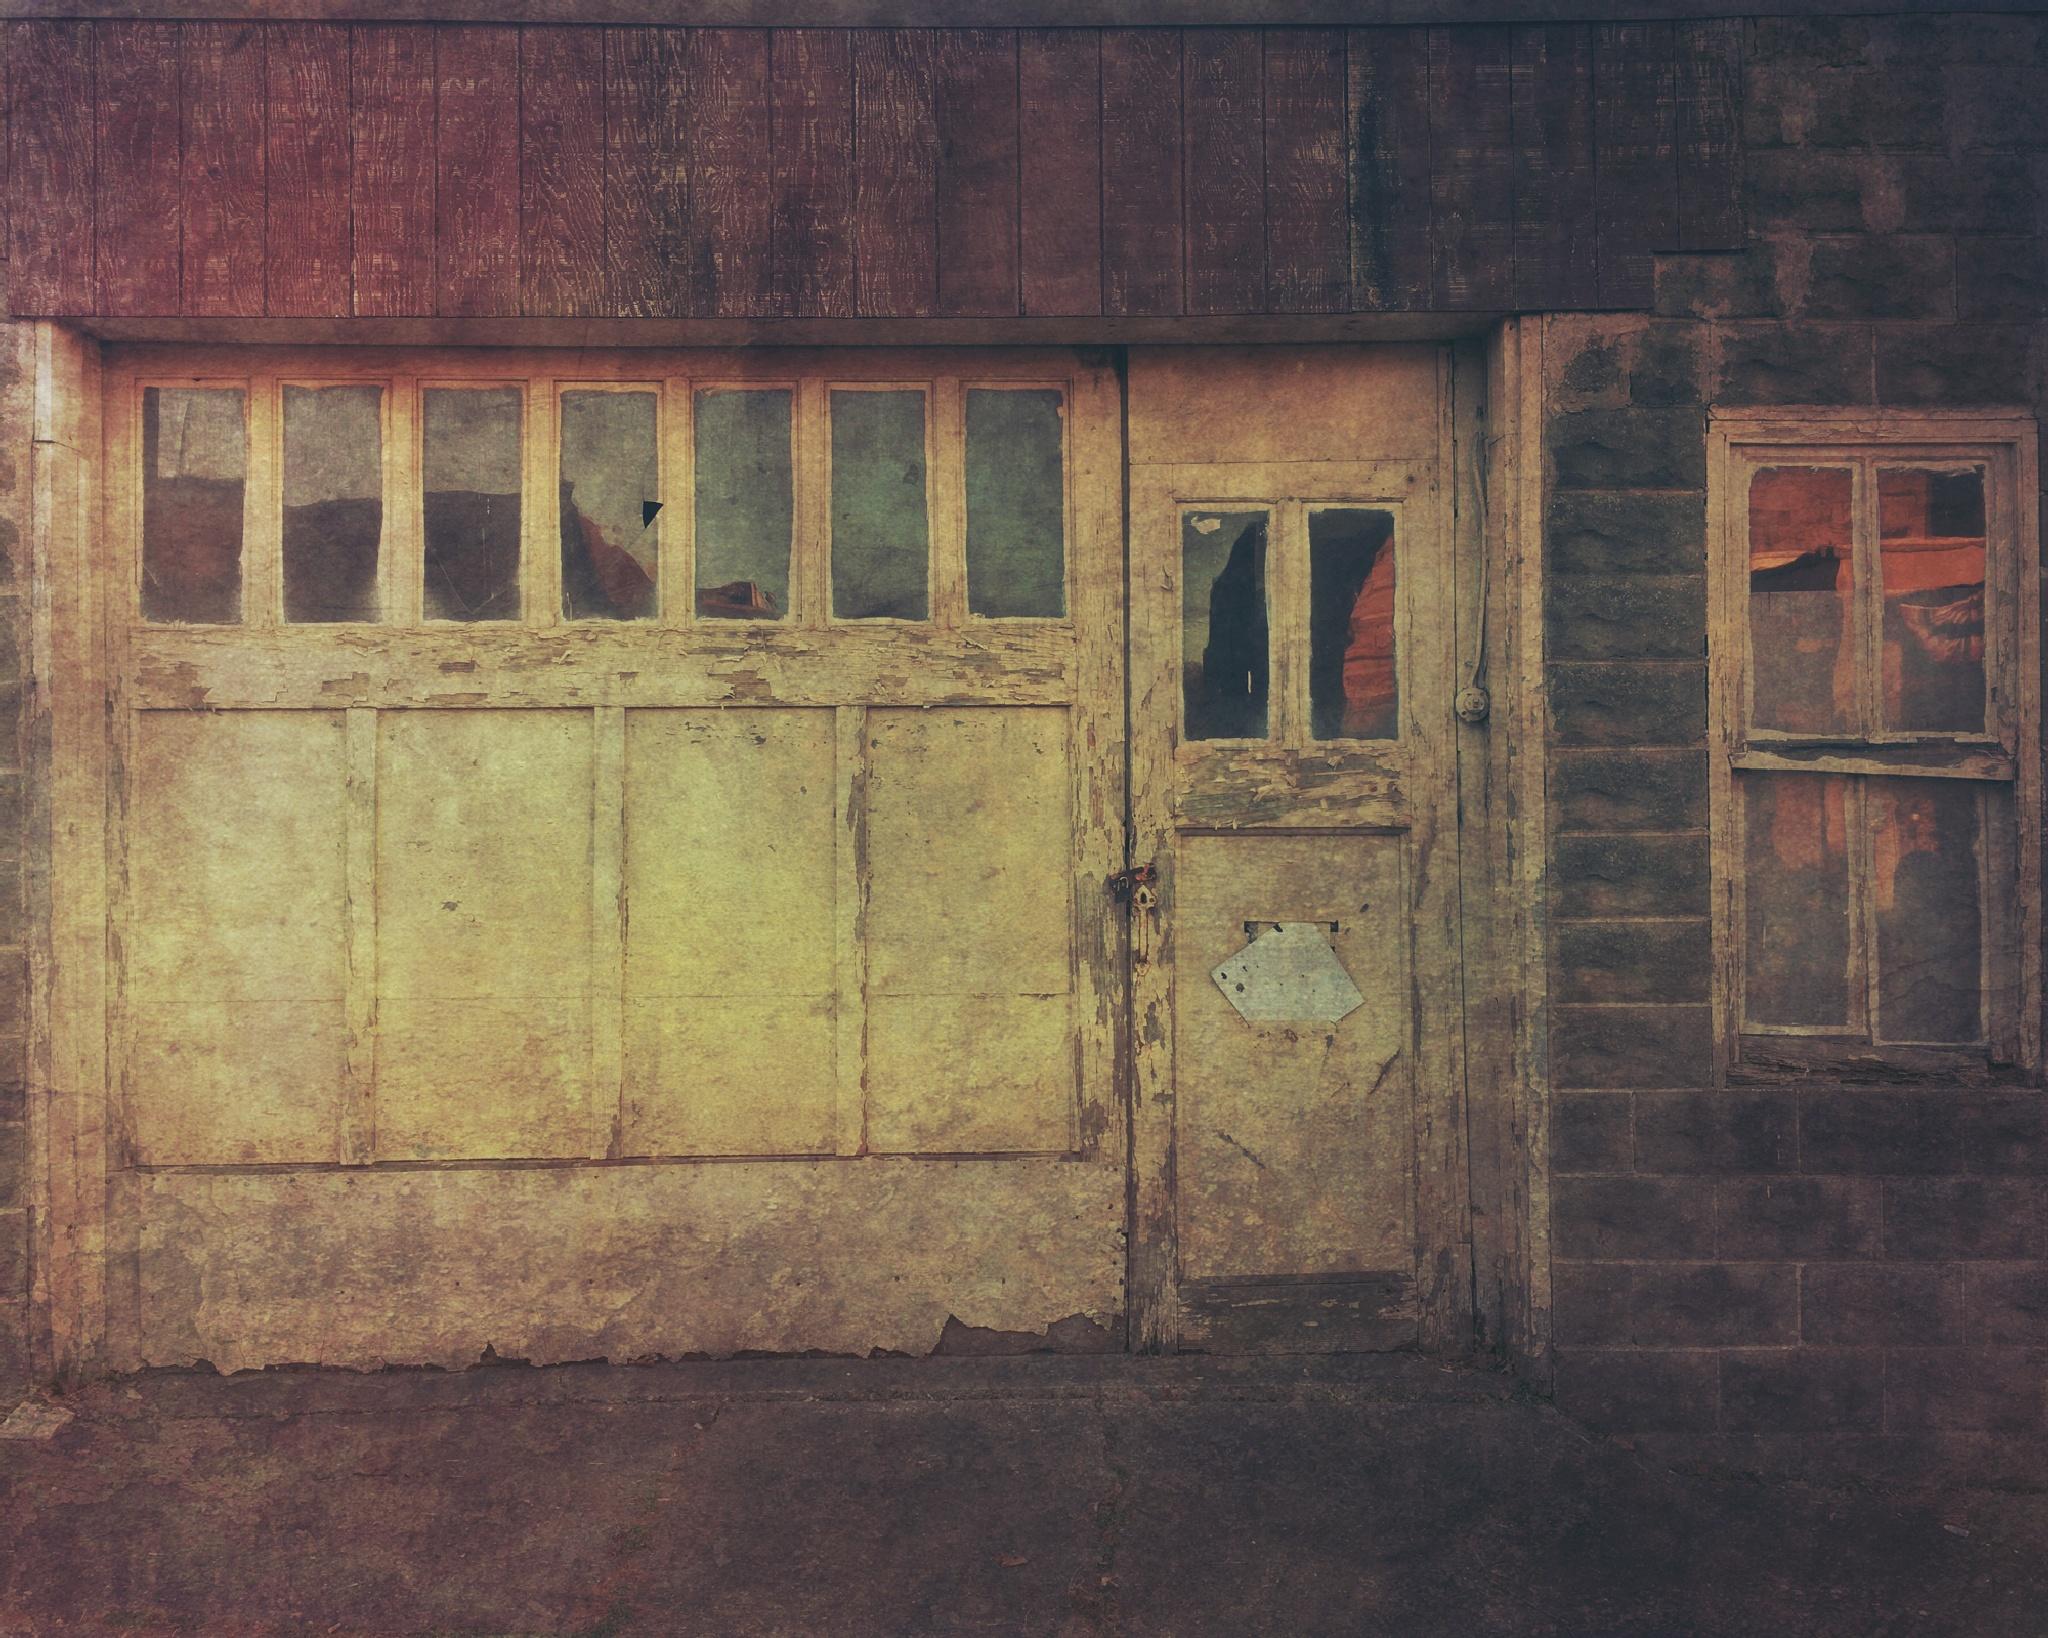 The Garage by mattdevore